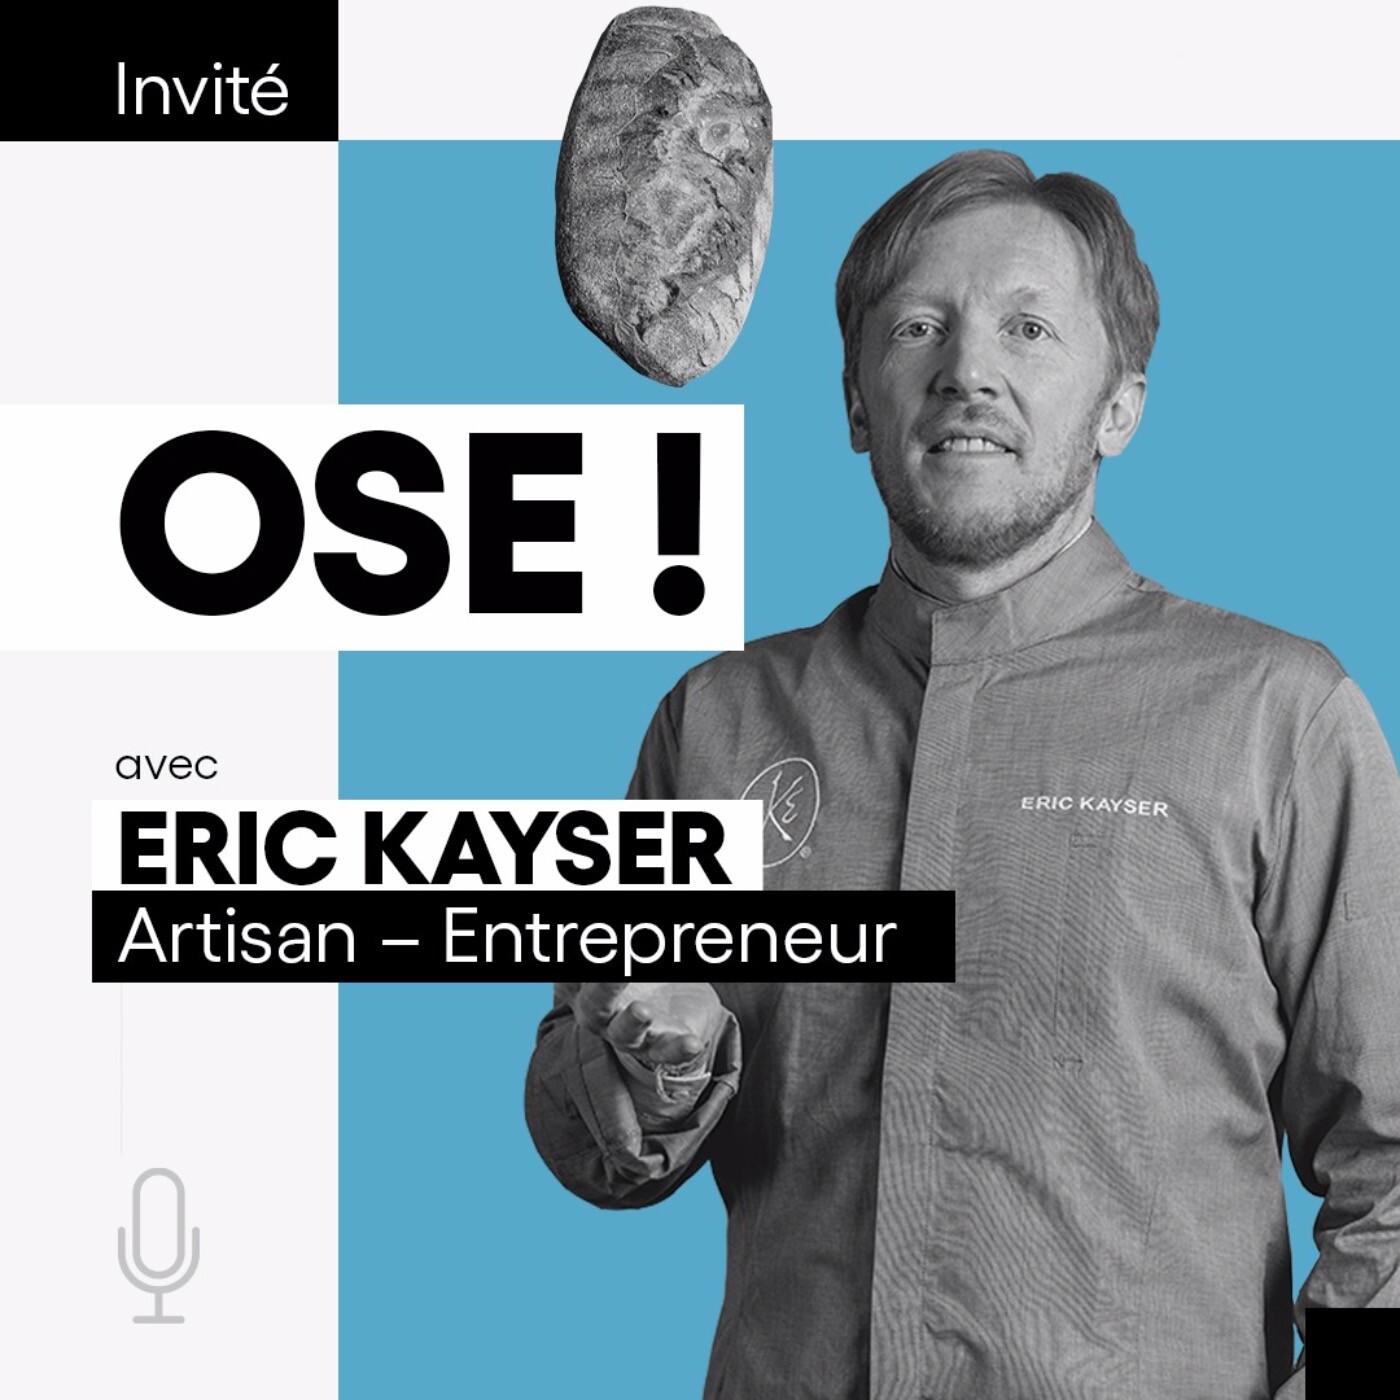 Eric Kayser, Artisan-Entrepreneur